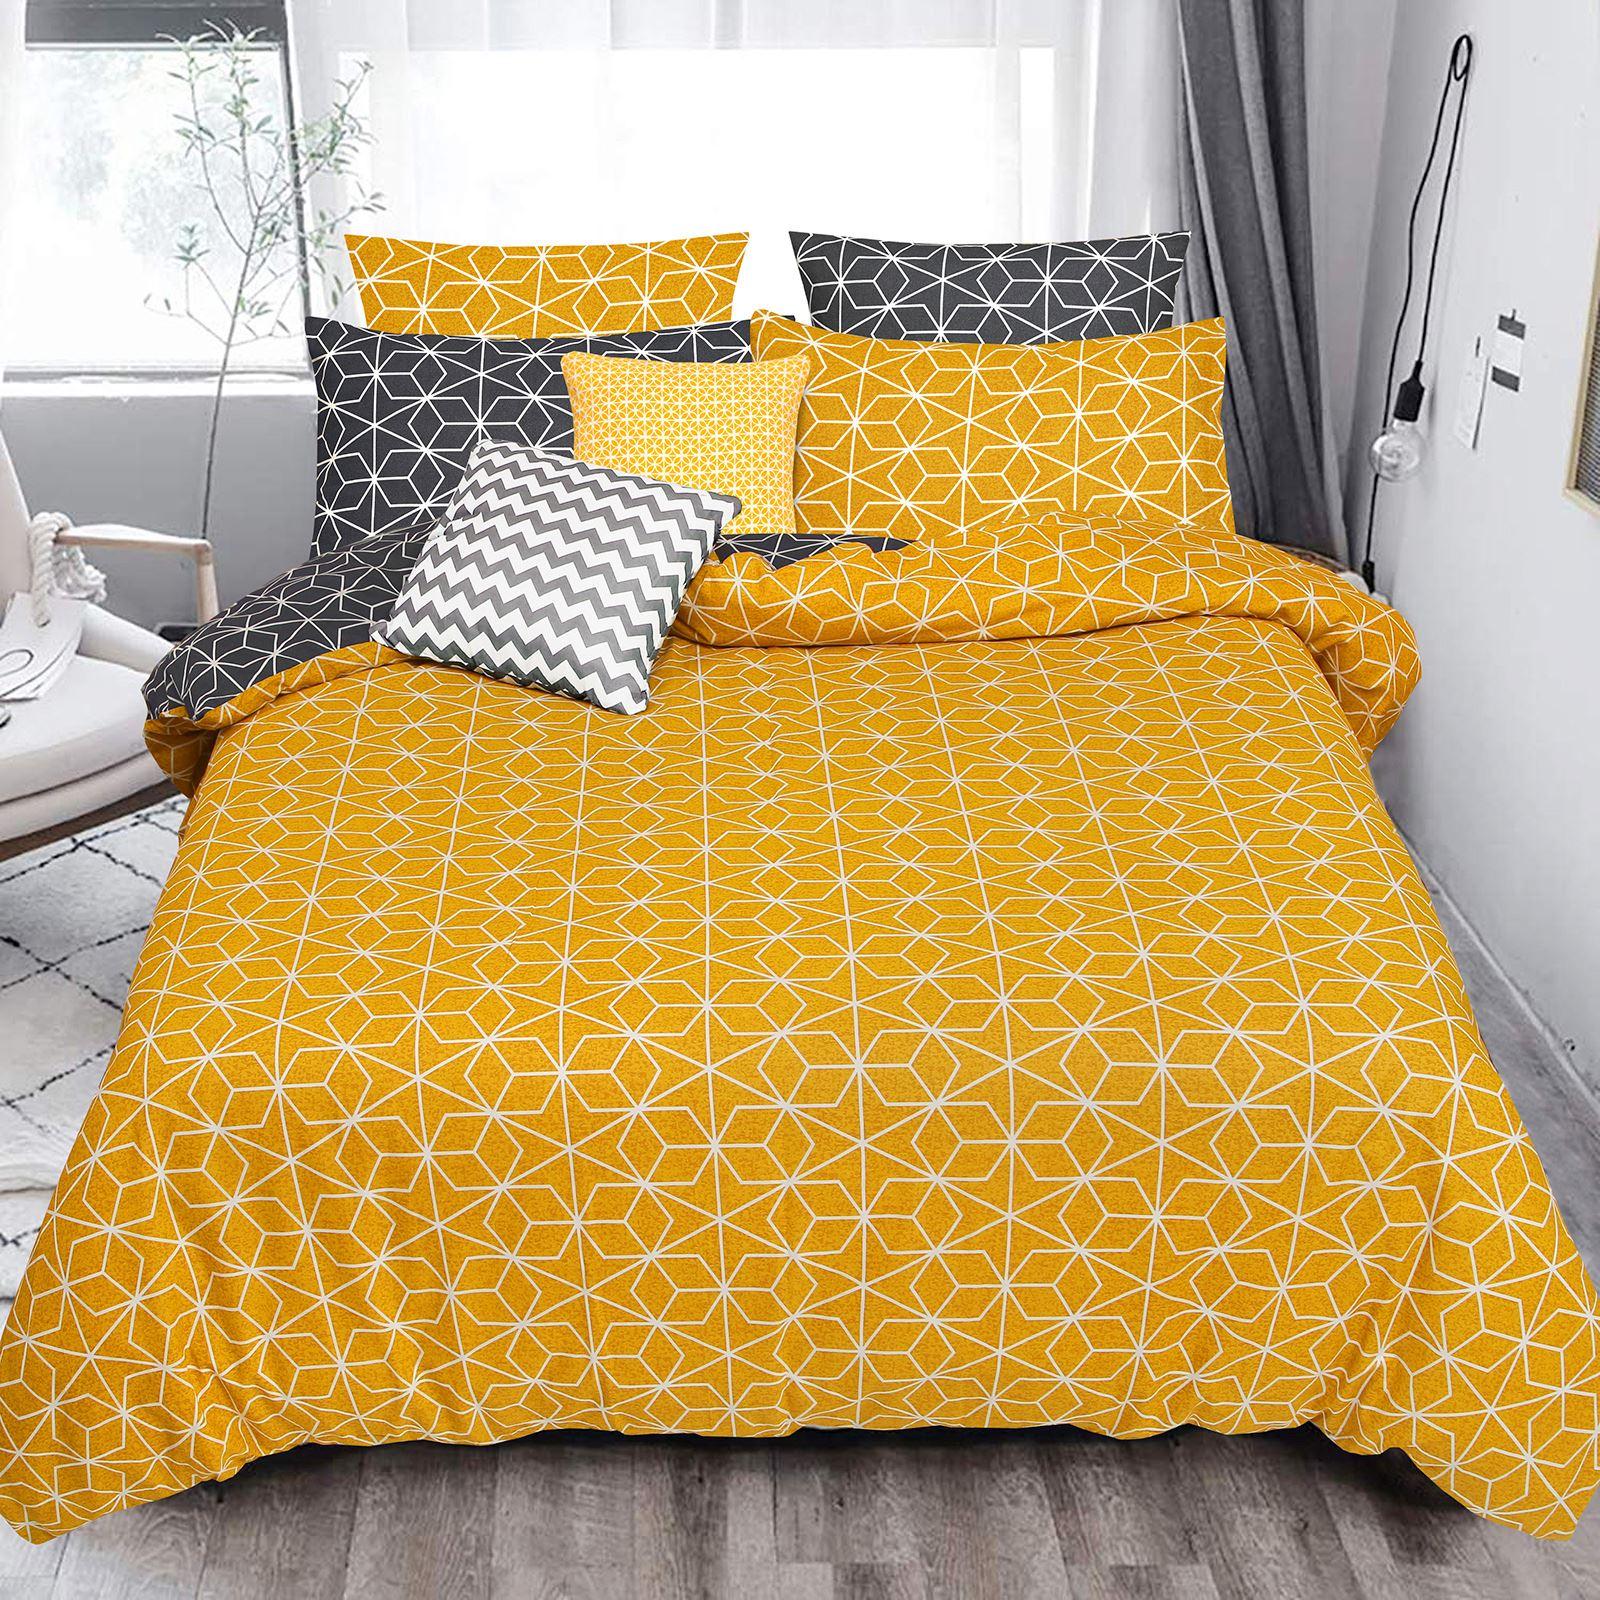 Geometrique-Housse-De-Couette-100-Coton-Couette-Douce-Literie-Simple-Double-King-Taille miniature 16